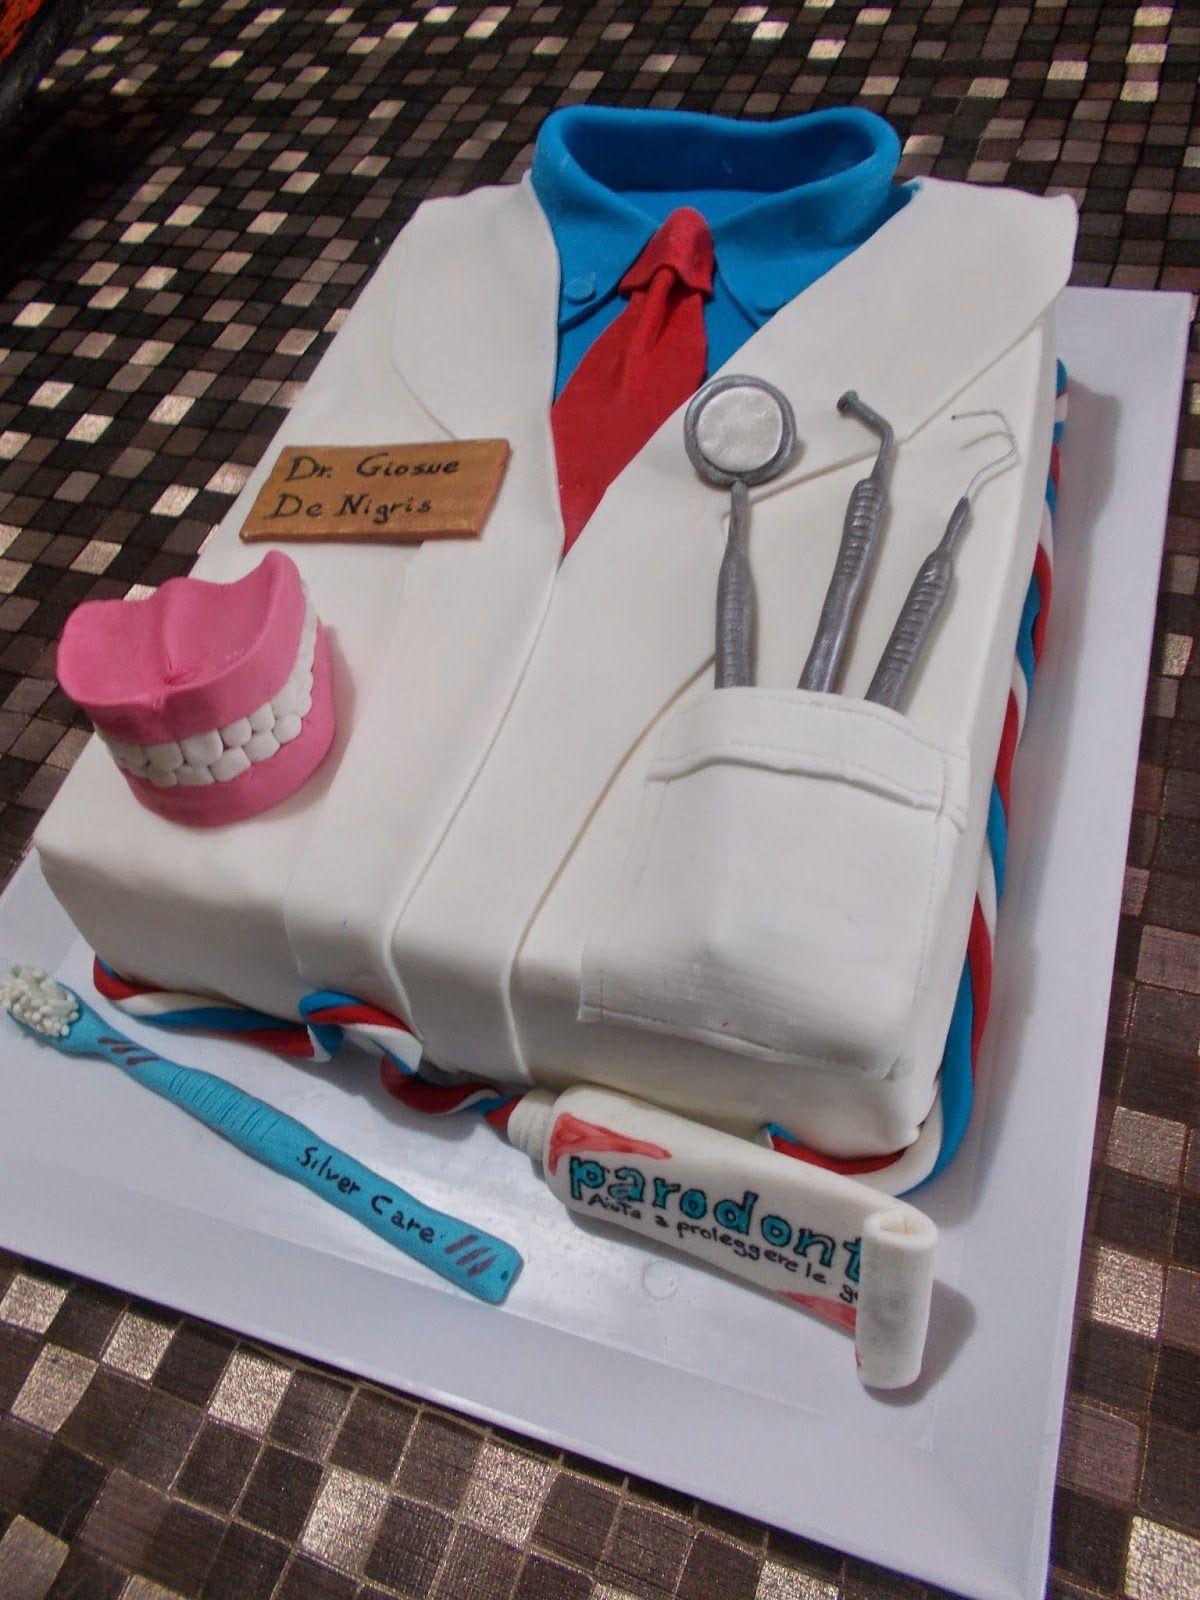 поздравления с днем рождения мужчине доктору стоматологу ортопеду компании